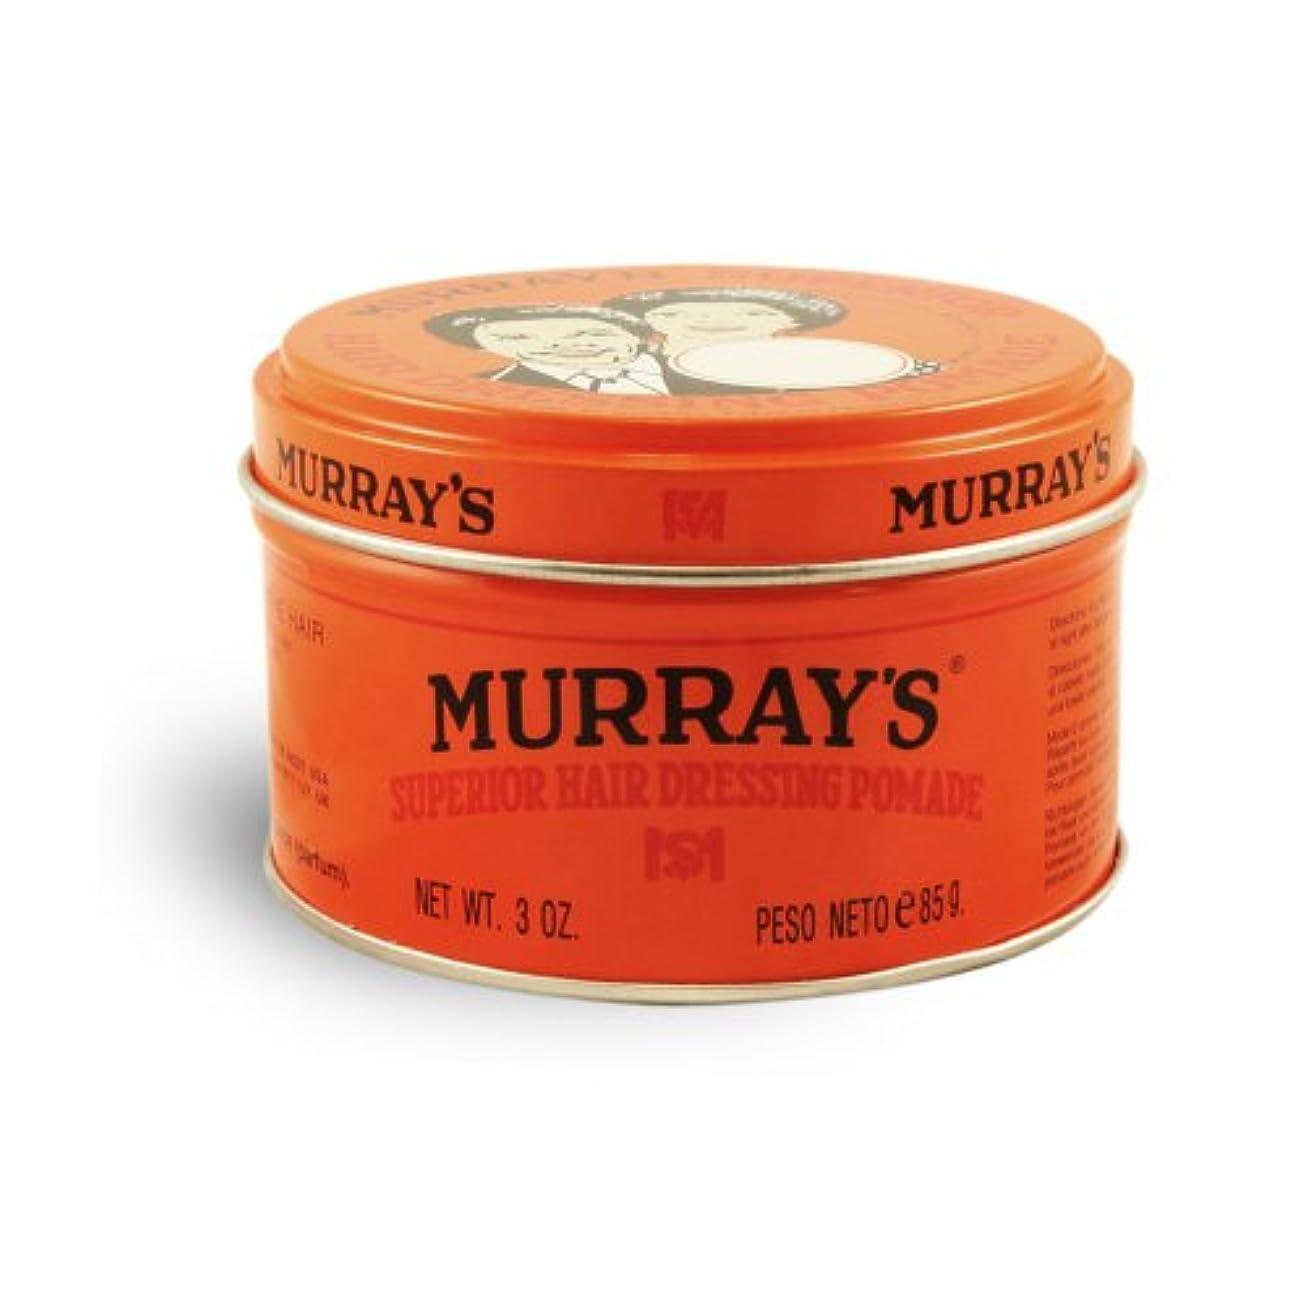 起業家本を読む頭痛Murrays マレーの優れた整髪料のポマード、3オンス(3パック)